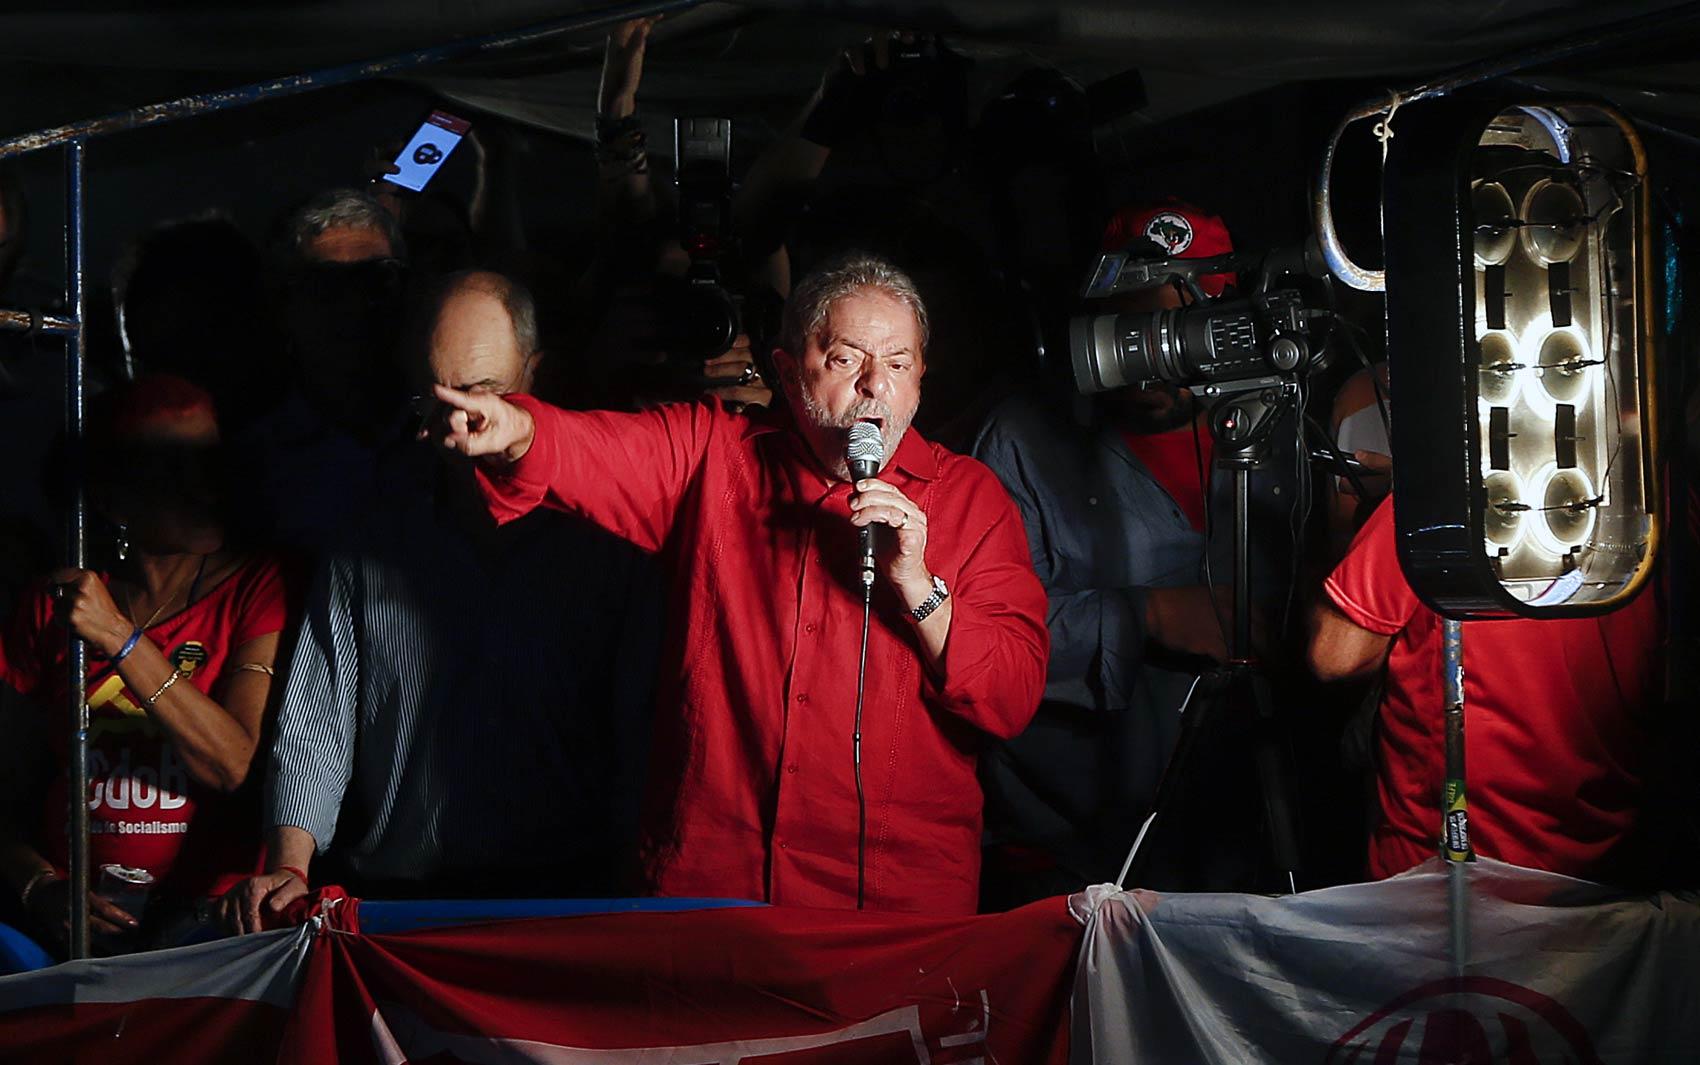 O ex-presidente Luiz Inácio Lula da Silva discursa durante o ato convocado por centrais sindicais, partidos que apoiam o governo e movimentos sociais em defesa da democracia na Avenida Paulista, em São Paulo